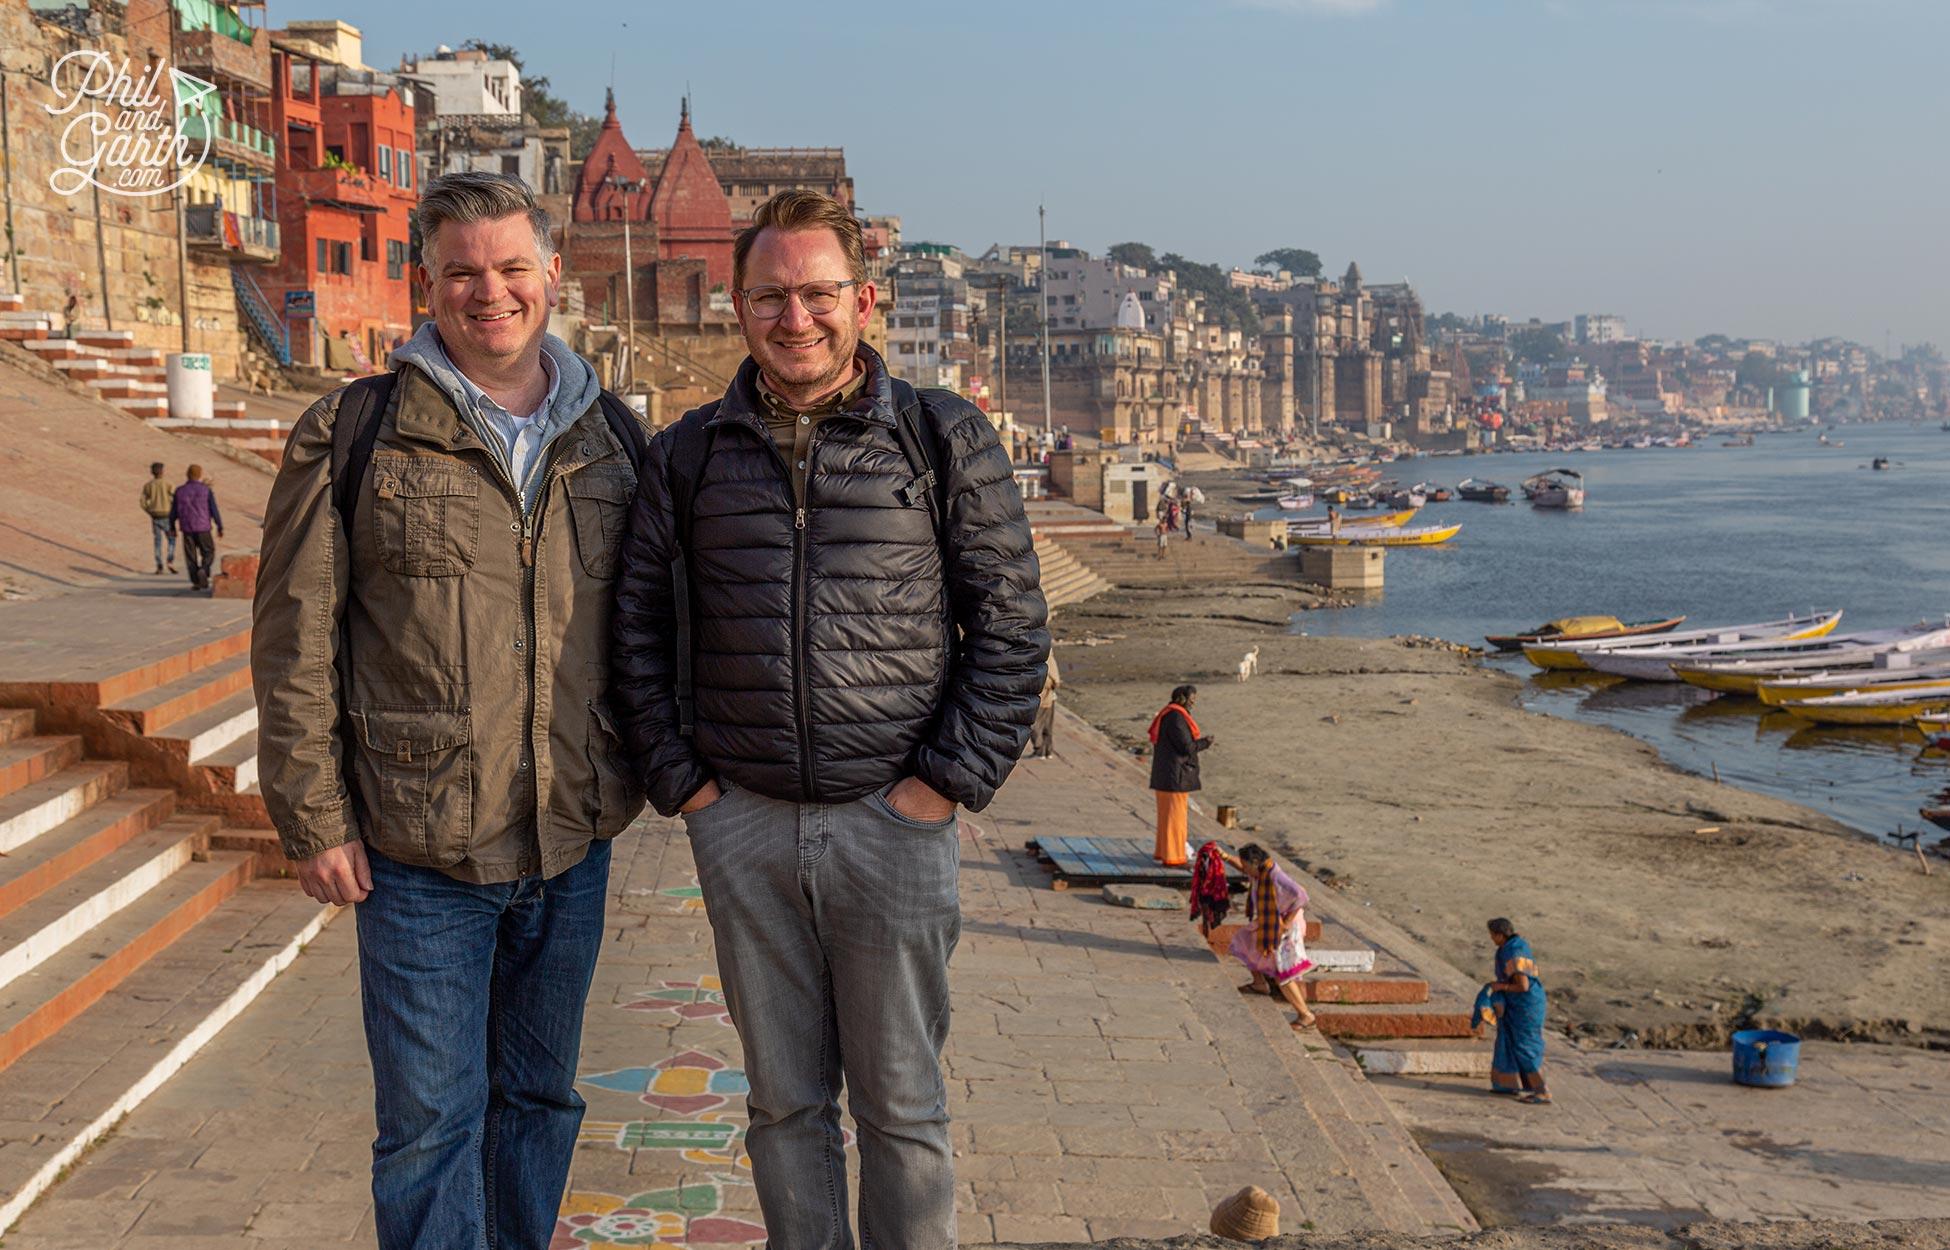 Phil and Garth's Top 5 Varanasi Tips